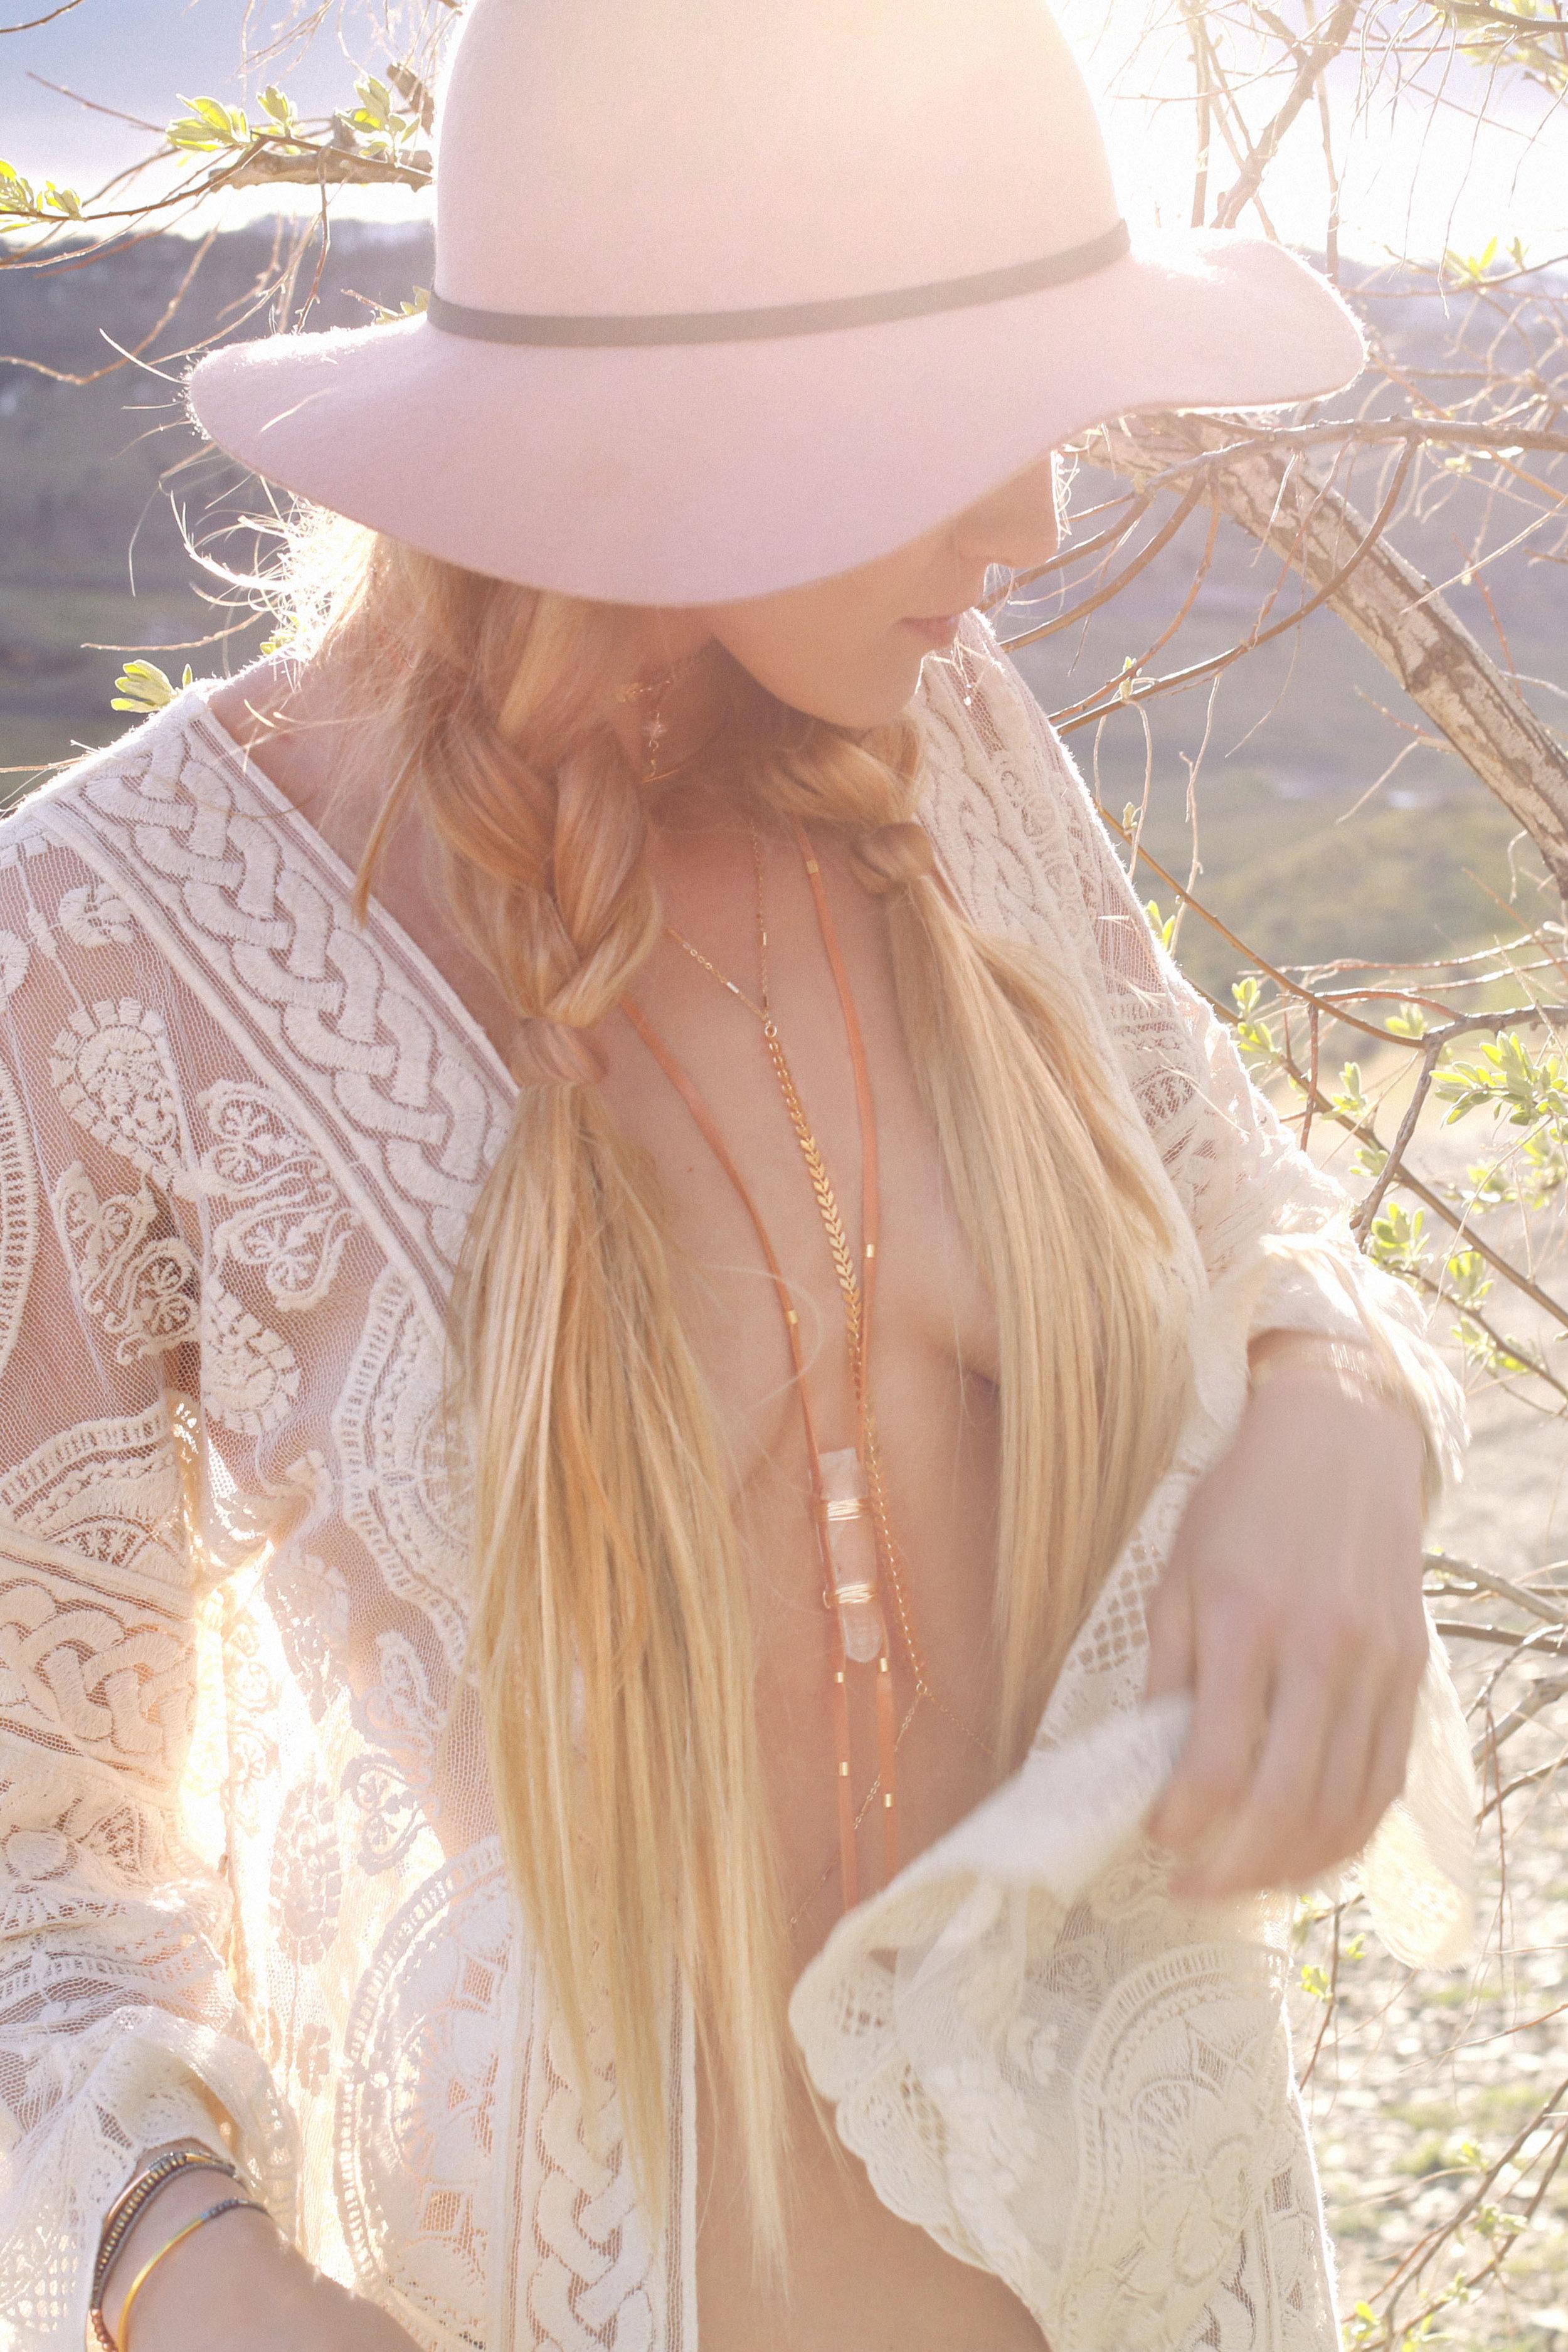 COLORADO GYPSY DREAMIN' - Photo Shoot Story shot by Alyssa Risley - IG @alyssarisley